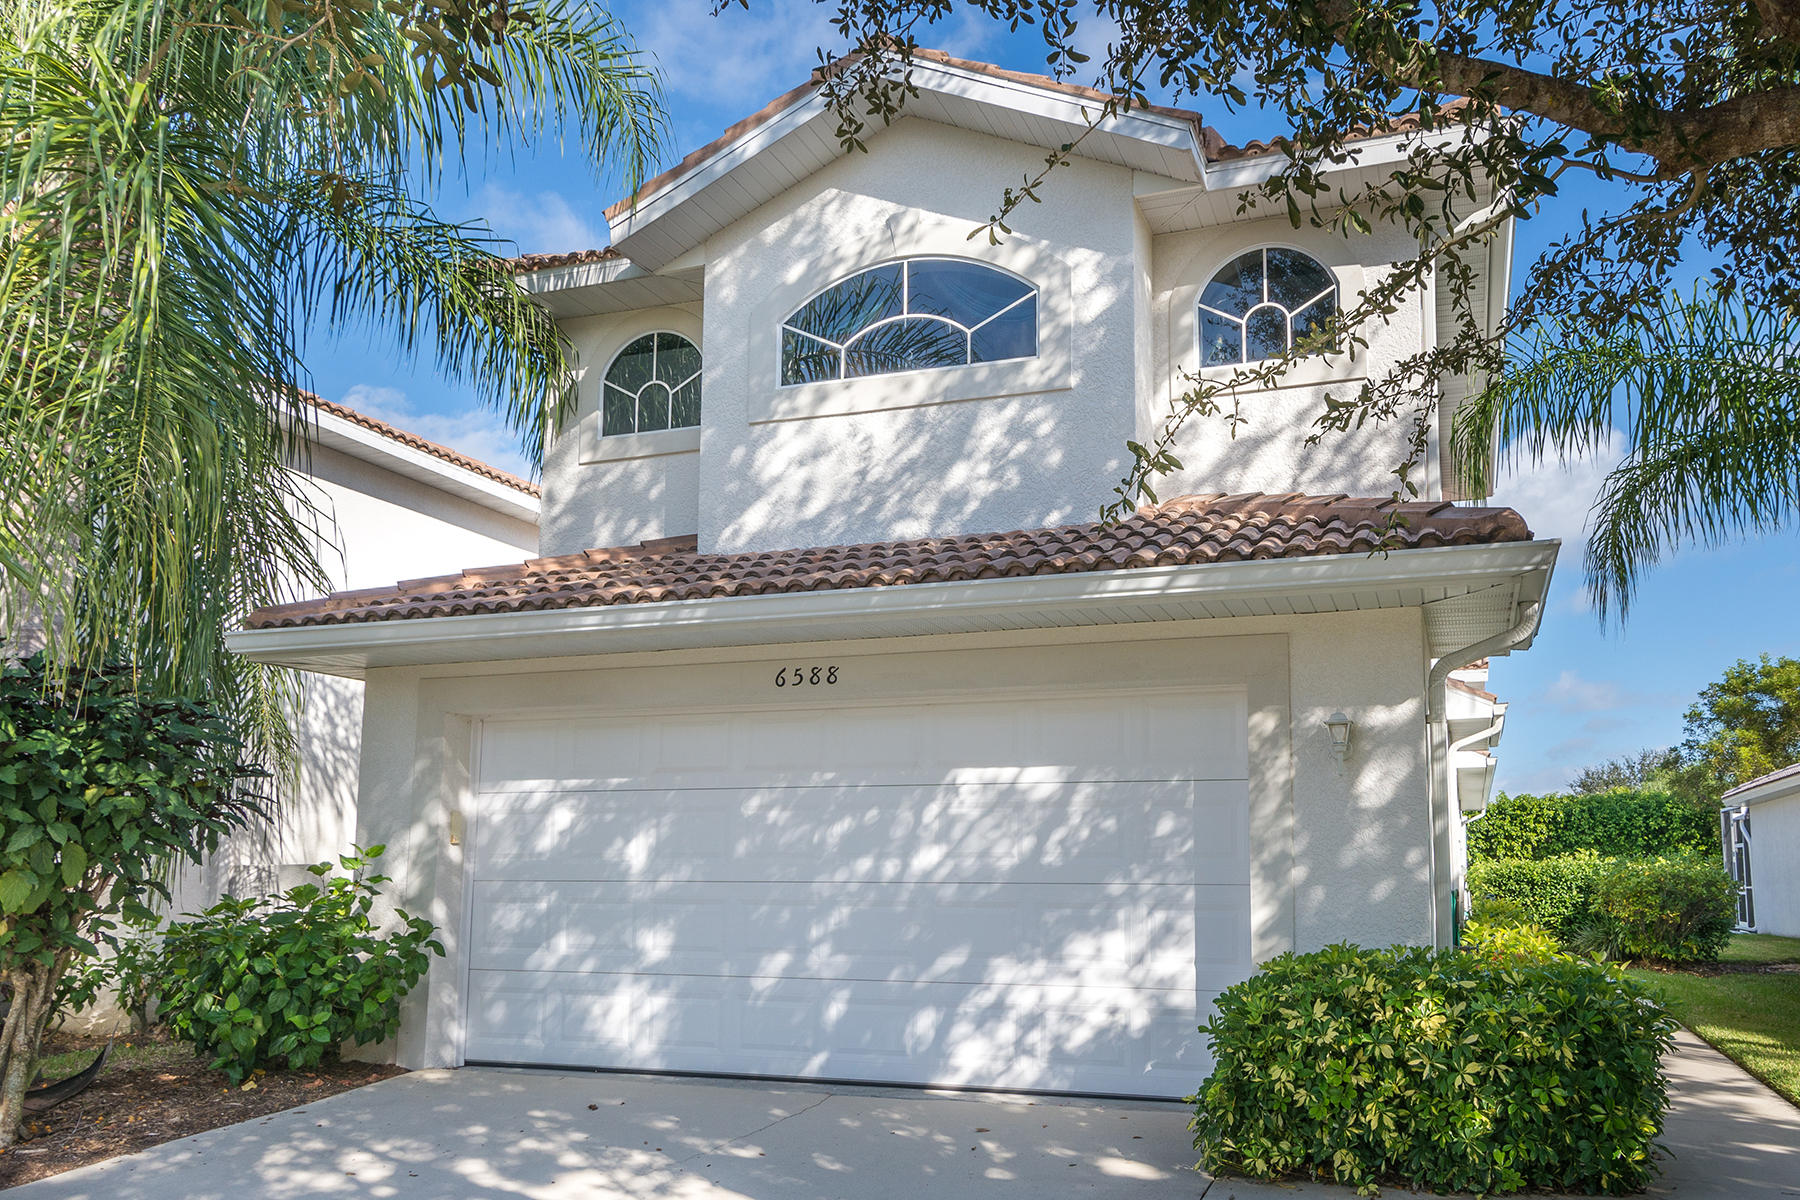 タウンハウス のために 売買 アット LELY RESORT - CALUMET RESERVE 6588 Castlelawn Pl Naples, フロリダ, 34113 アメリカ合衆国